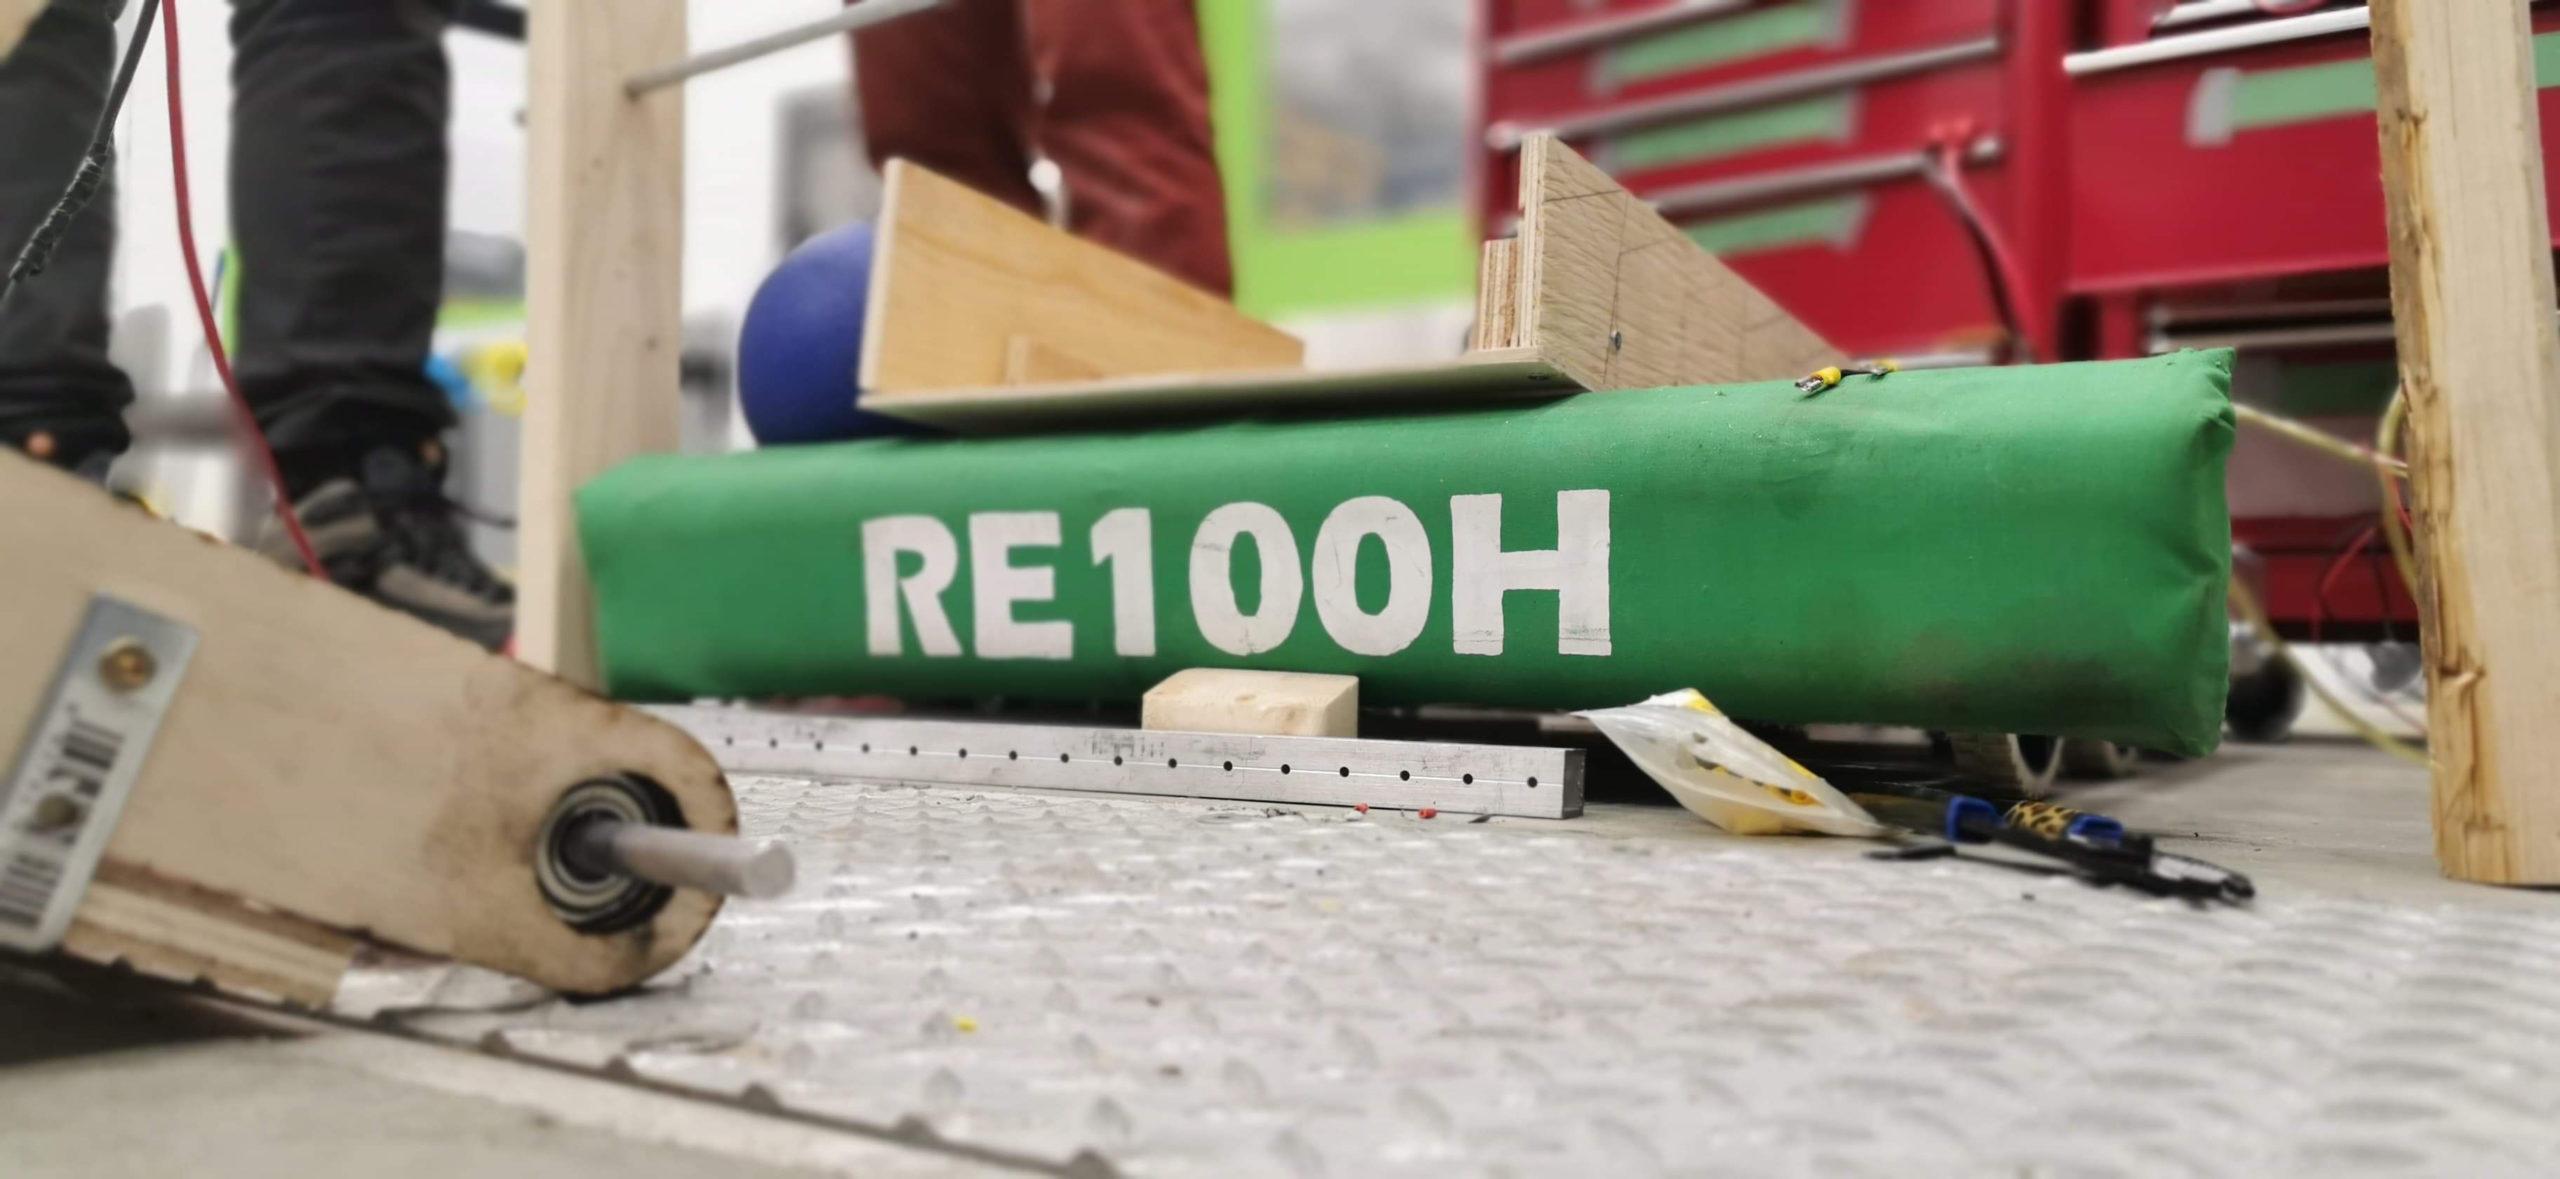 Robot en 100h – Recharge Infinie